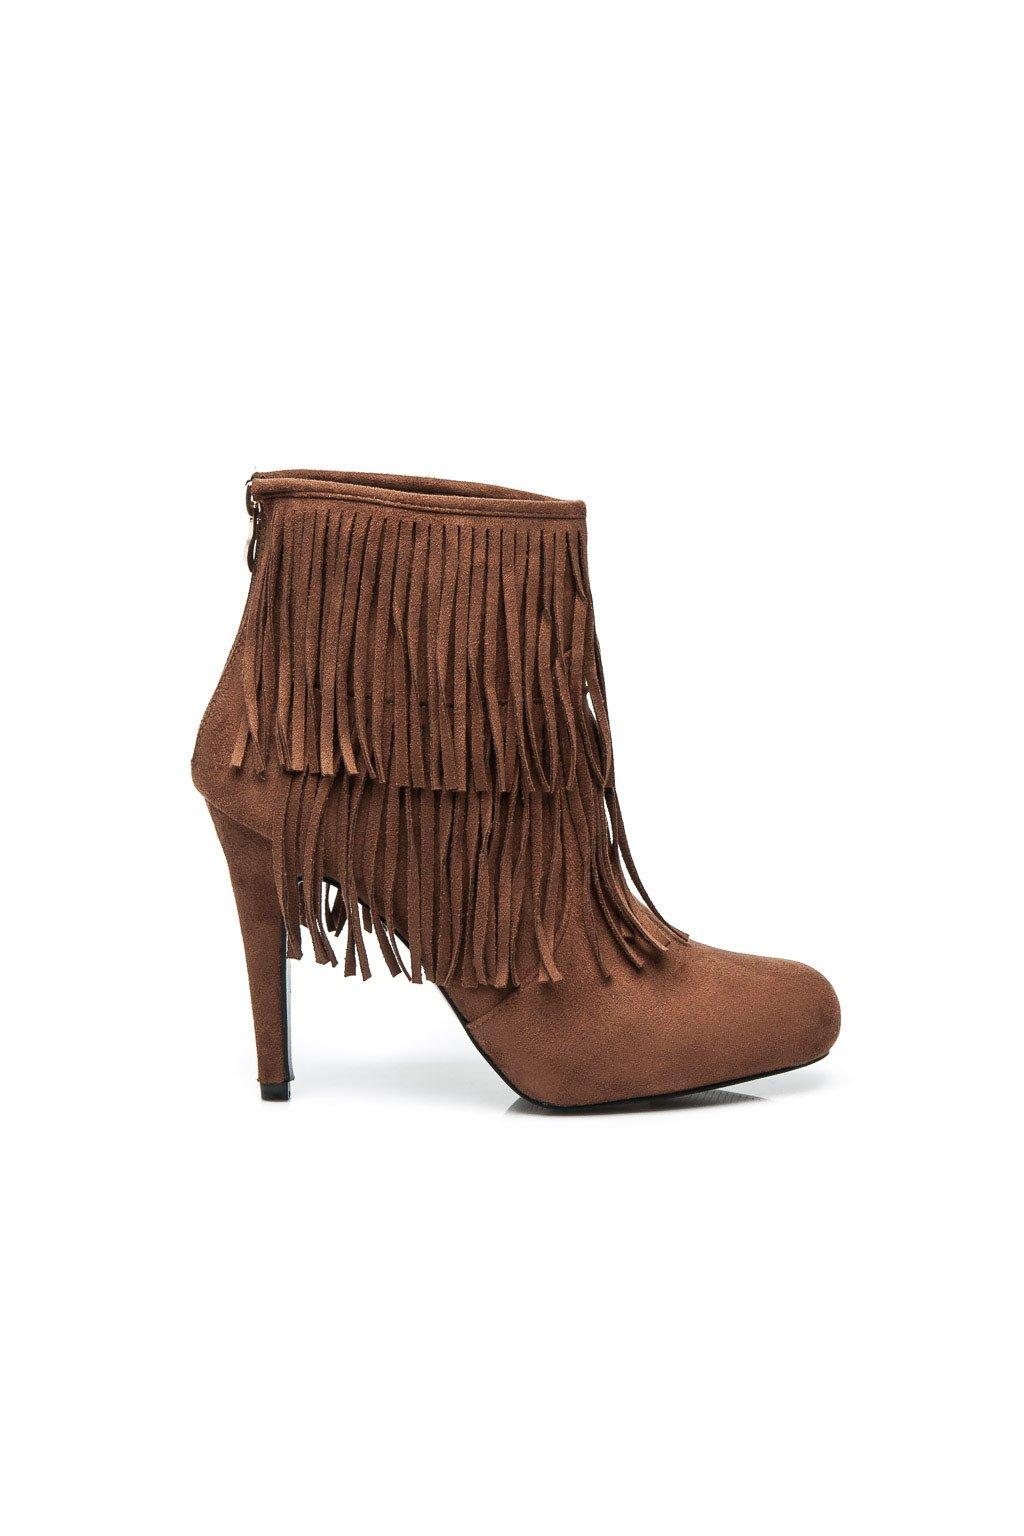 Strapcové topánky na opätku - Boho LL646C / S3-129P hnedé veľ.č. 37, 39 (Veľkosť UK8 / EUR 41)